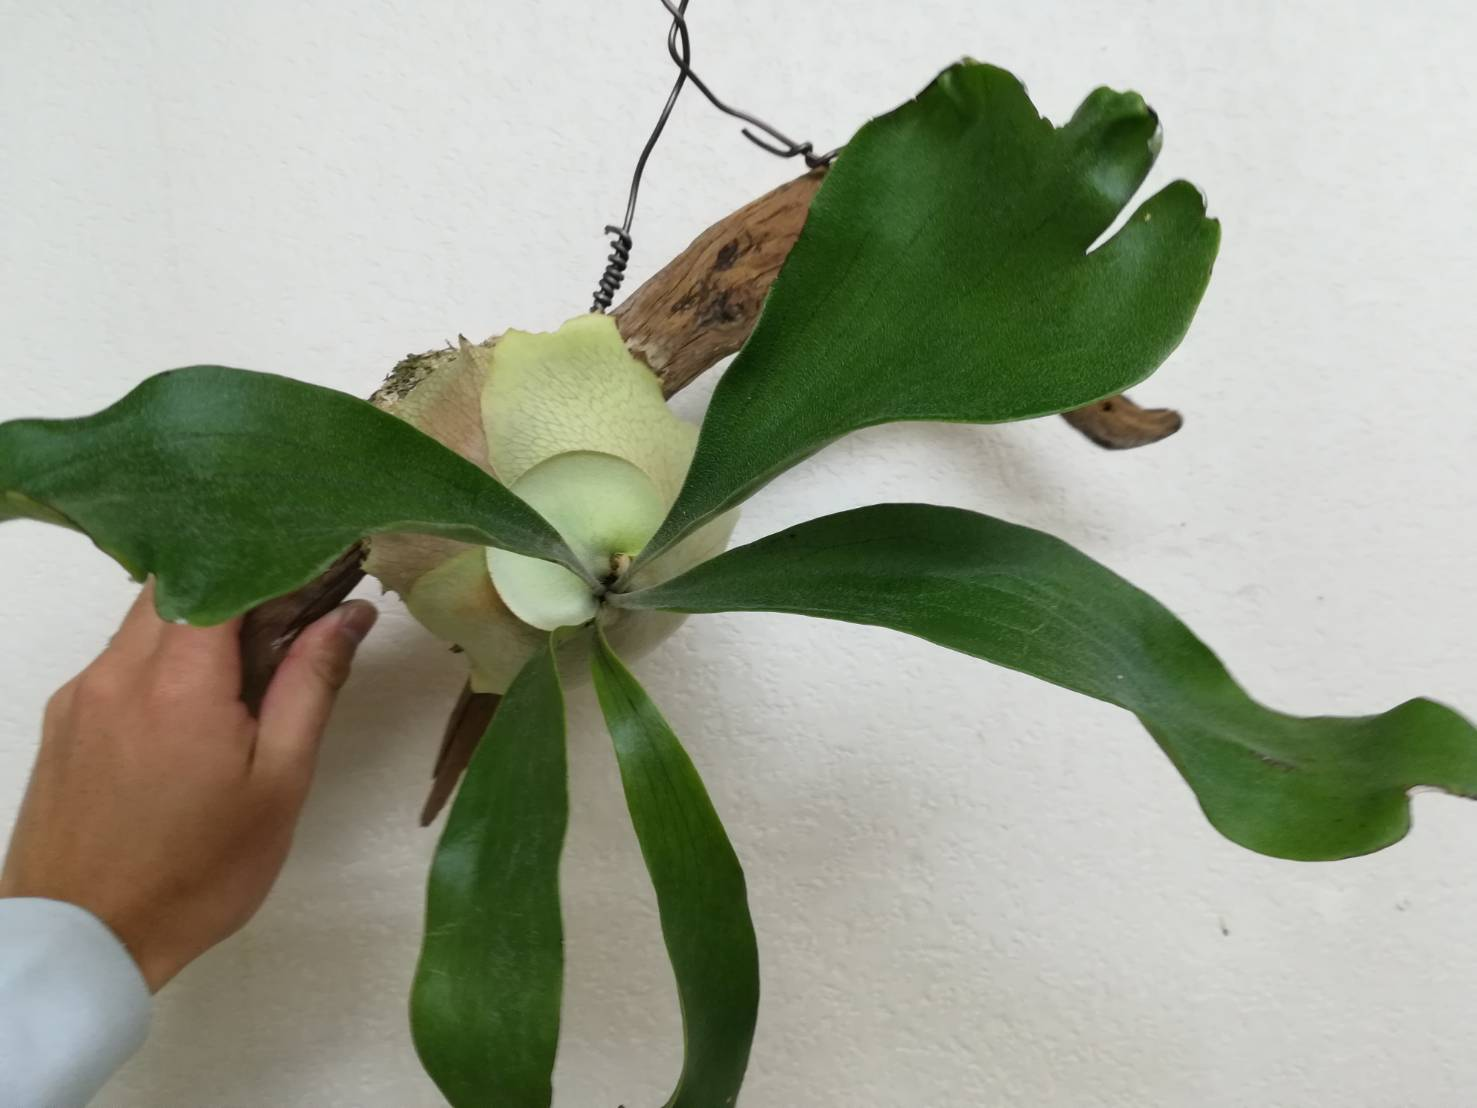 苔玉コウモリランを流木に付ける方法。